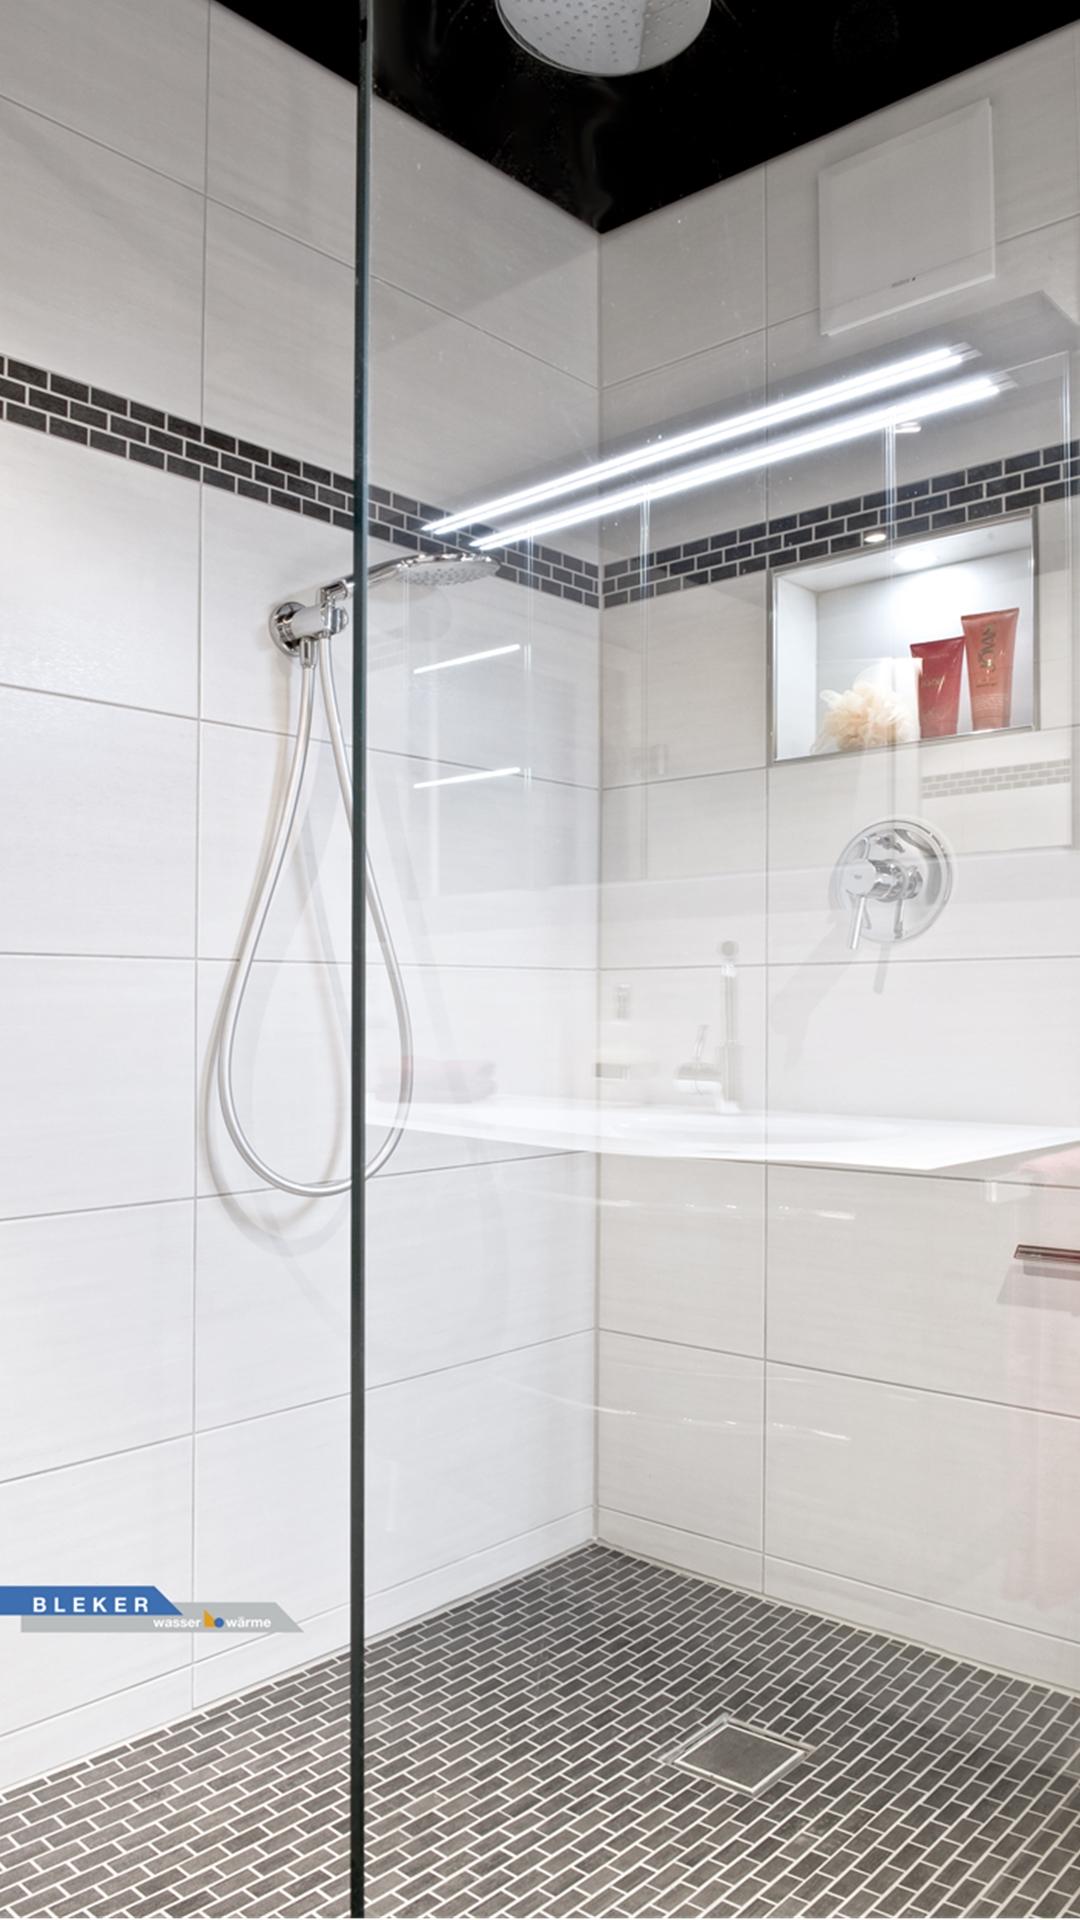 große Dusche hinter Glaswand